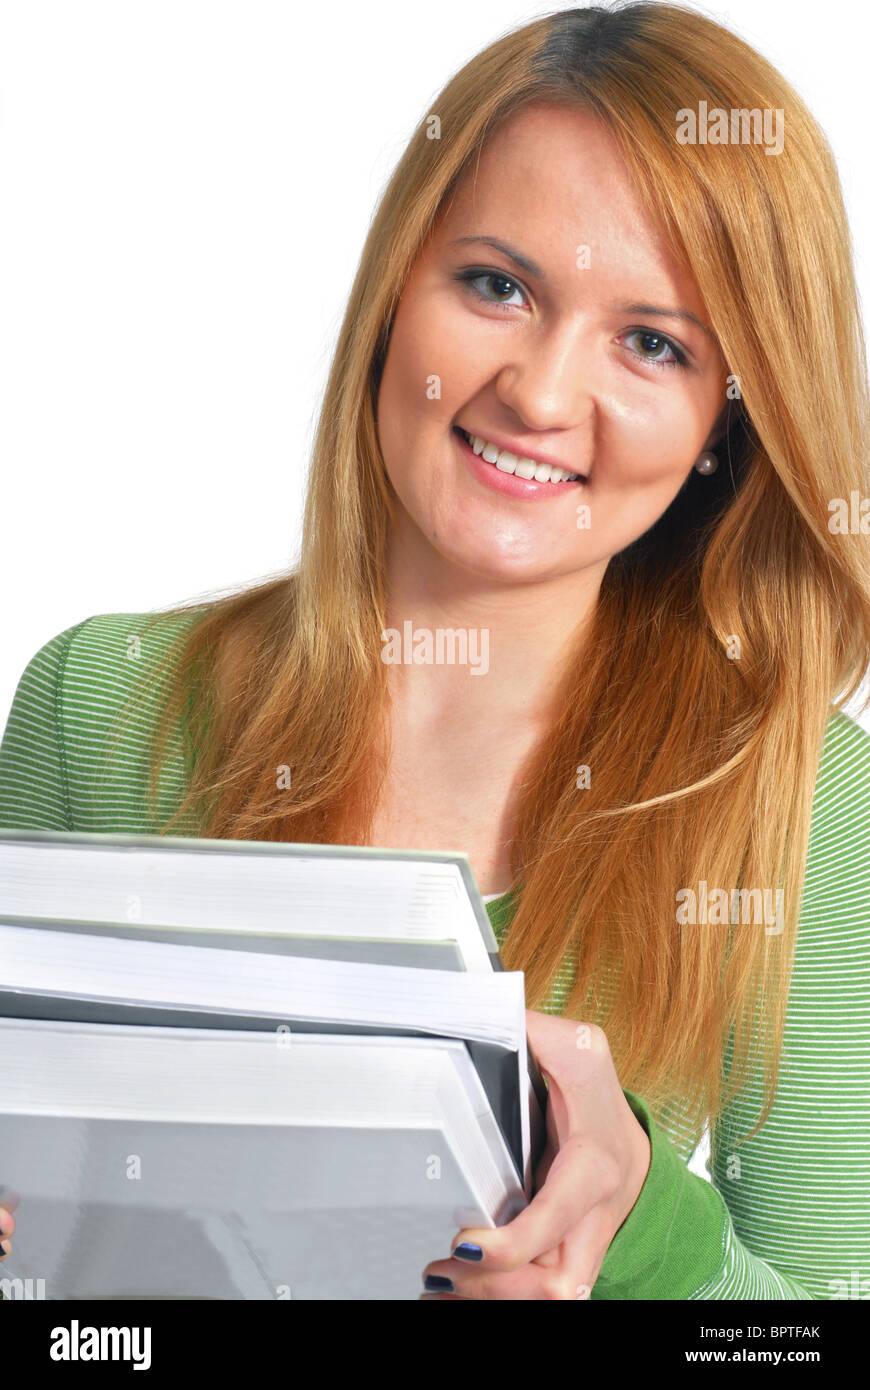 Ritratto di una giovane e bella studentessa con libri Immagini Stock